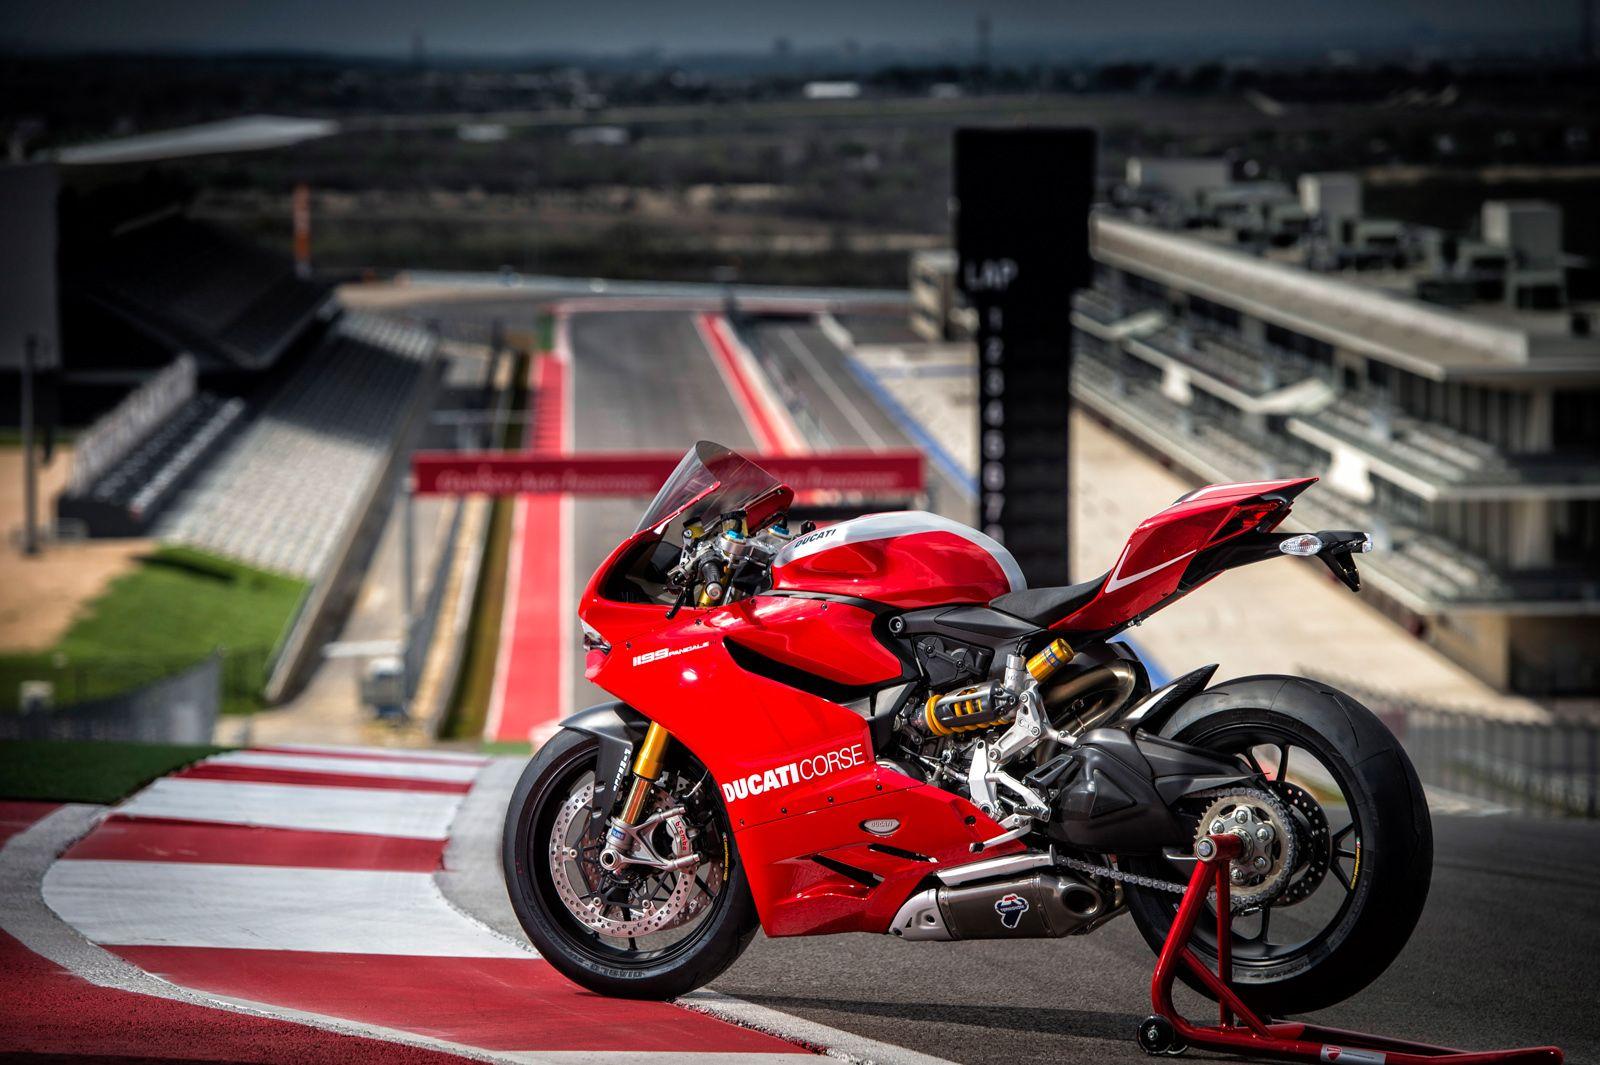 Ducati Panigale R At Cota Darren S Things Pinterest Ducati